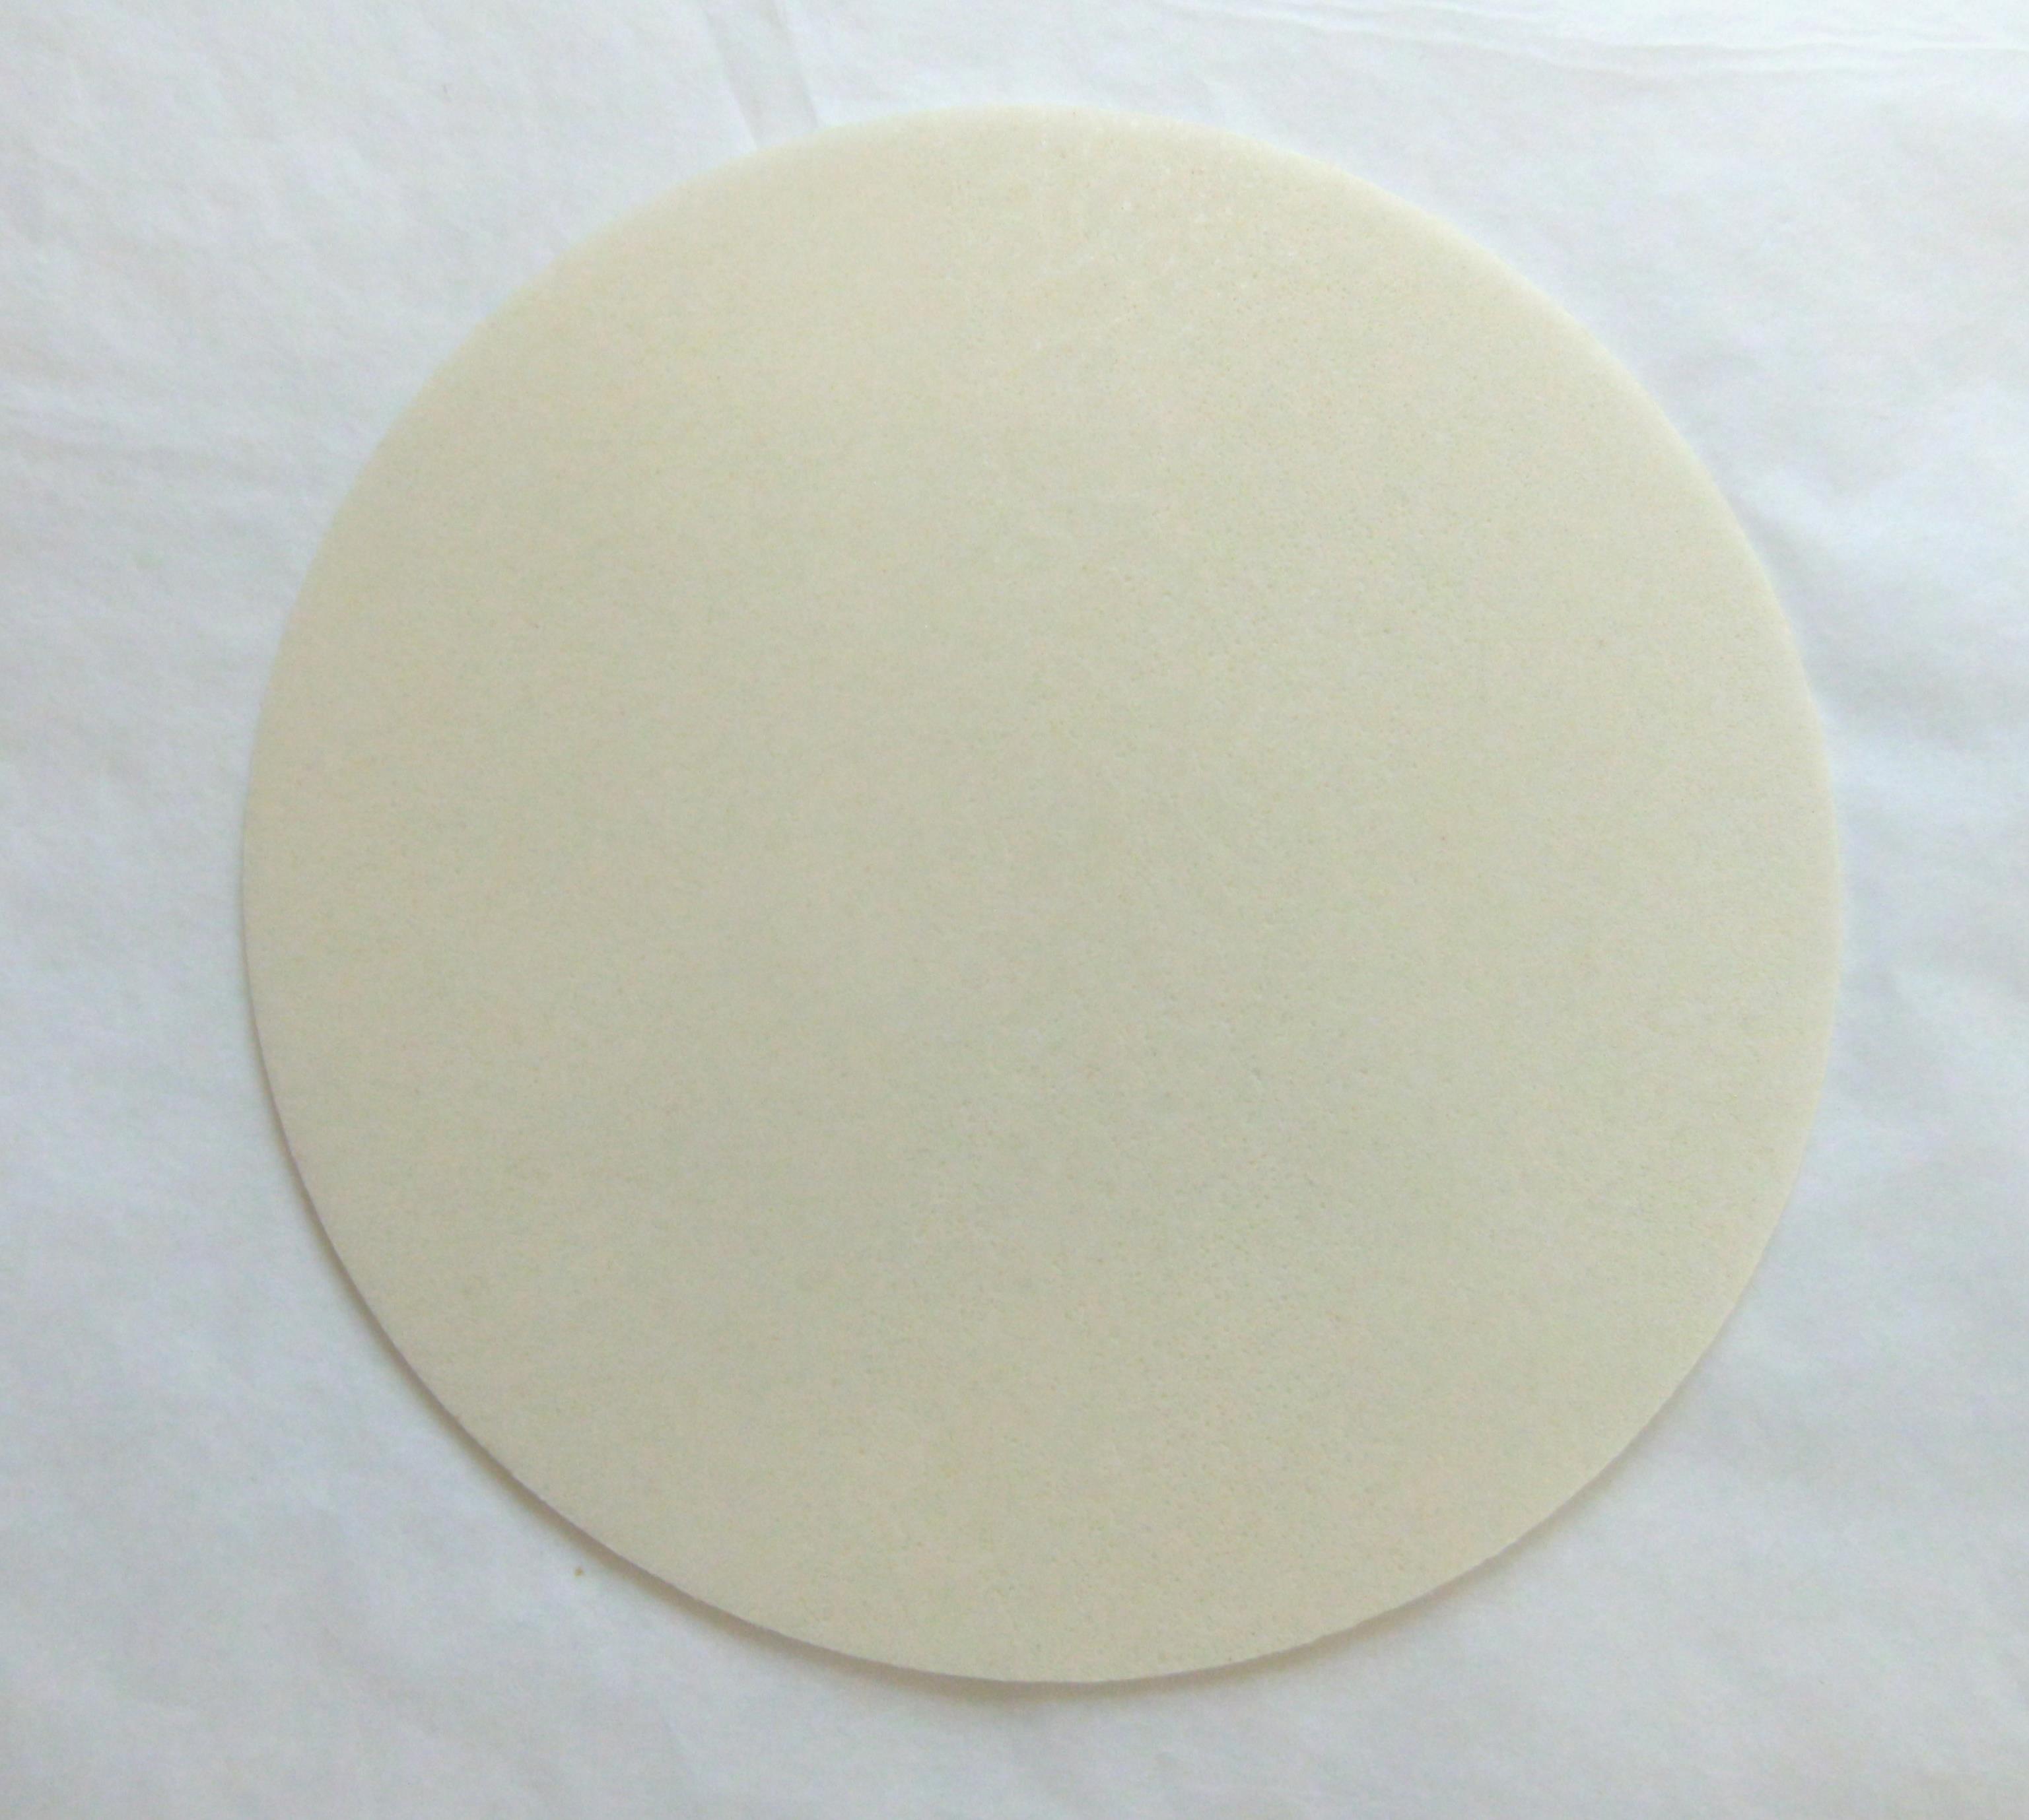 White 5inch concelebration bread